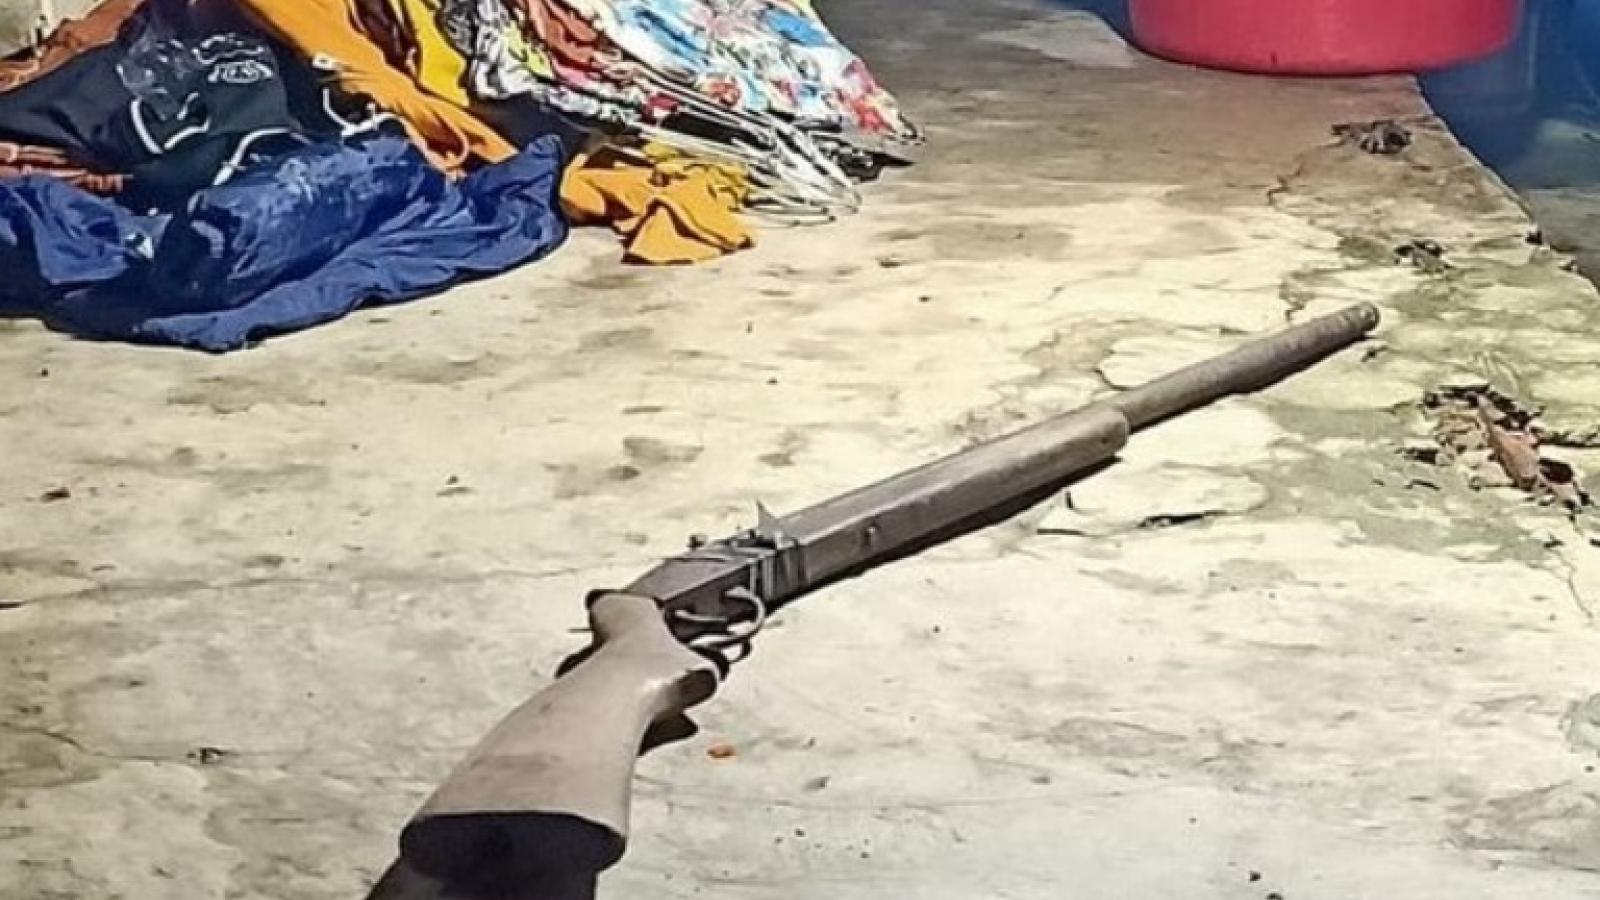 Phát hiện thi thể người đàn ông gây ra 2 vụ nổ súng liên tiếp ở Quảng Nam